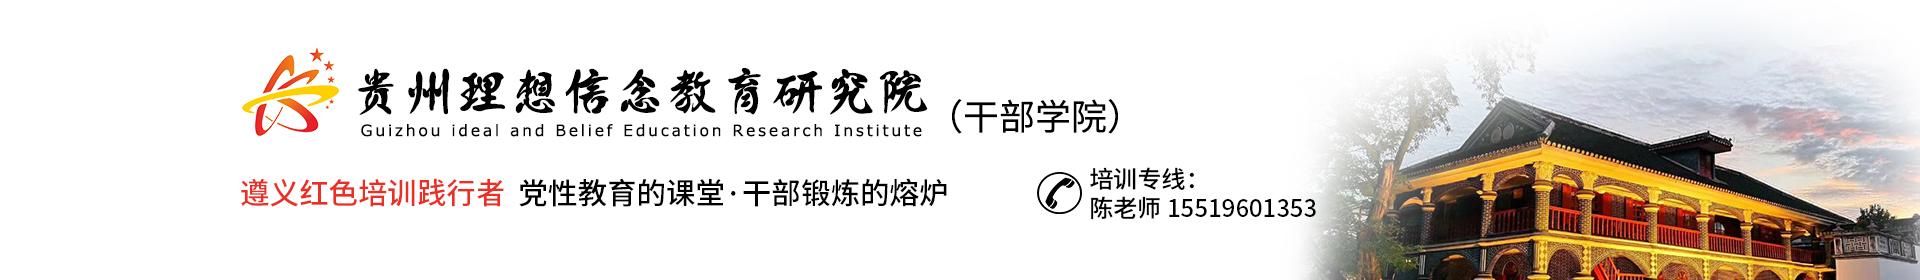 贵州理想信念教育研究院遵义干部红色教育培训中心